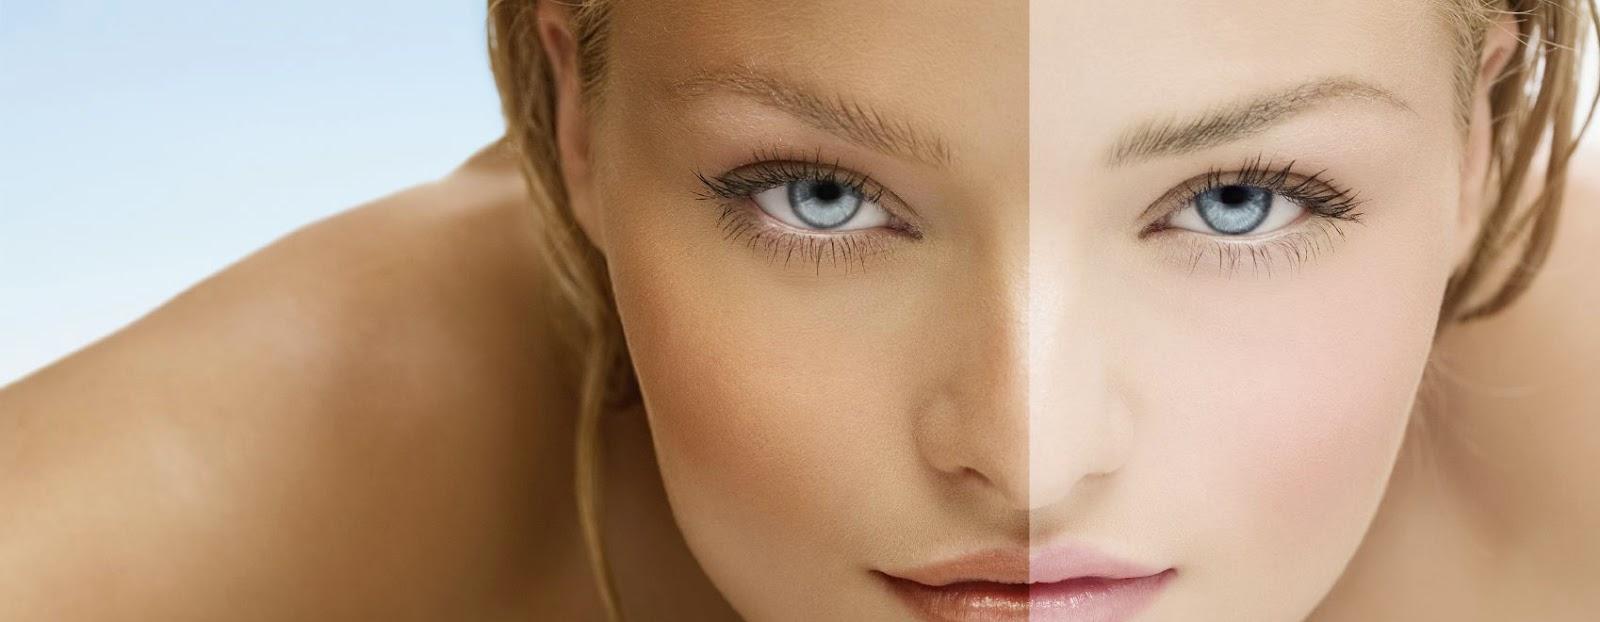 Cara memutihkan kulit wajah dan tubuh dengan alami?